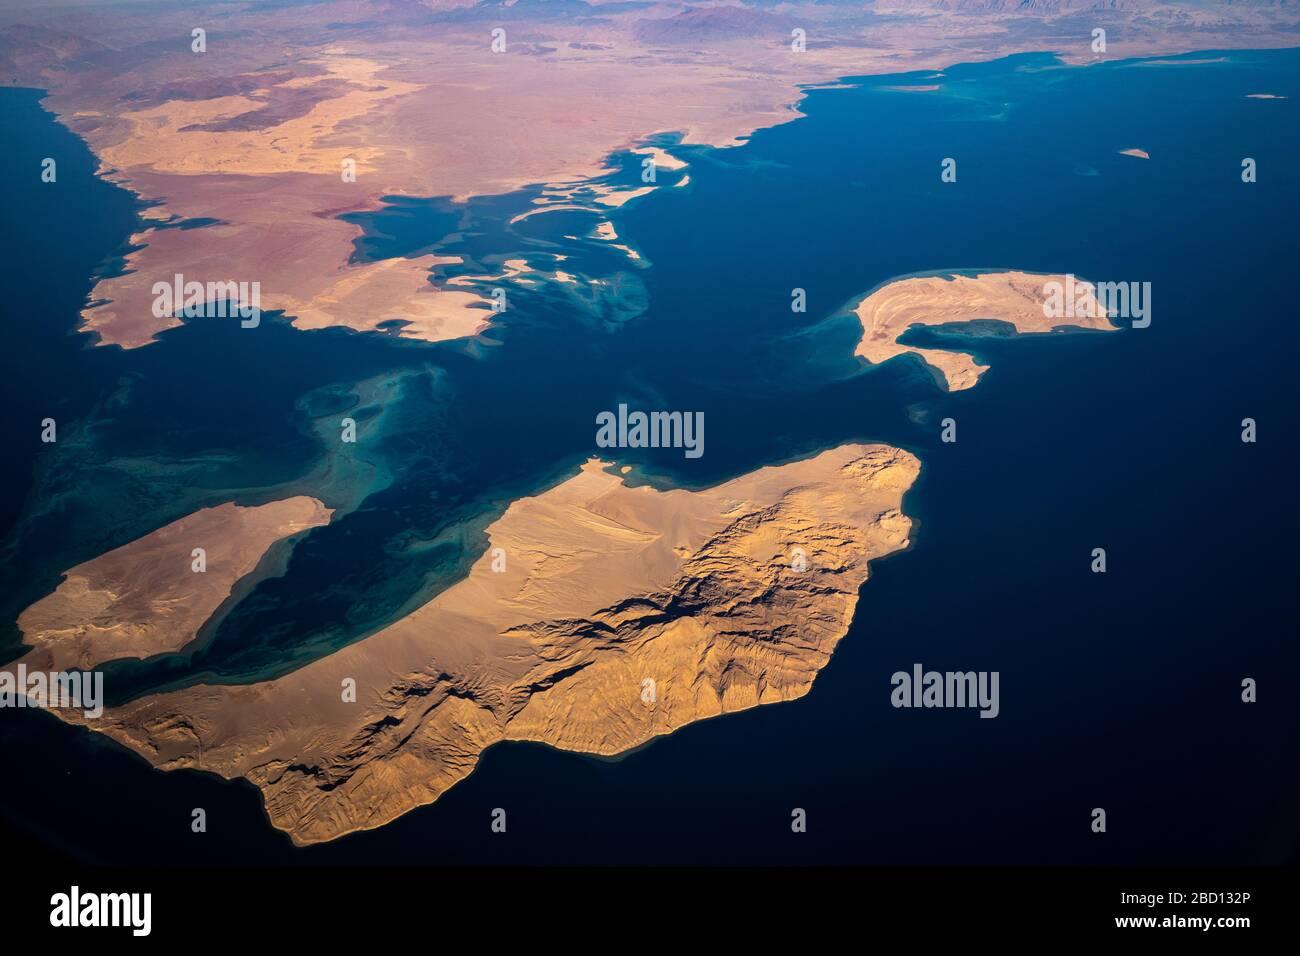 Luftaufnahme von Saudi-Arabien und den Meerengen von Tiran zwischen dem Golf von Akaba und dem Indischen Ozean Stockfoto